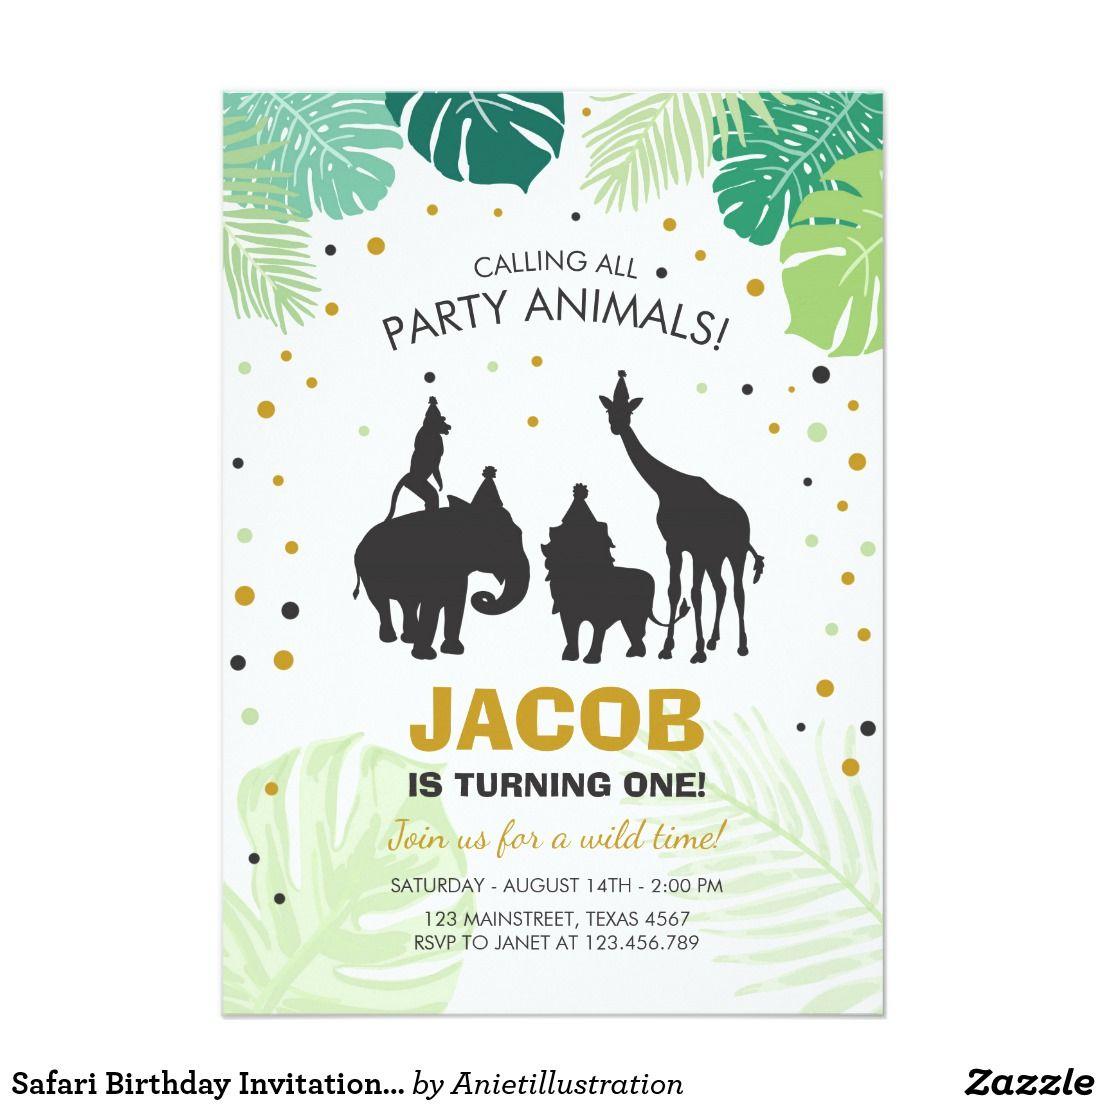 Safari Birthday Invitation Zoo Wild Jungle animals  Zazzle.com